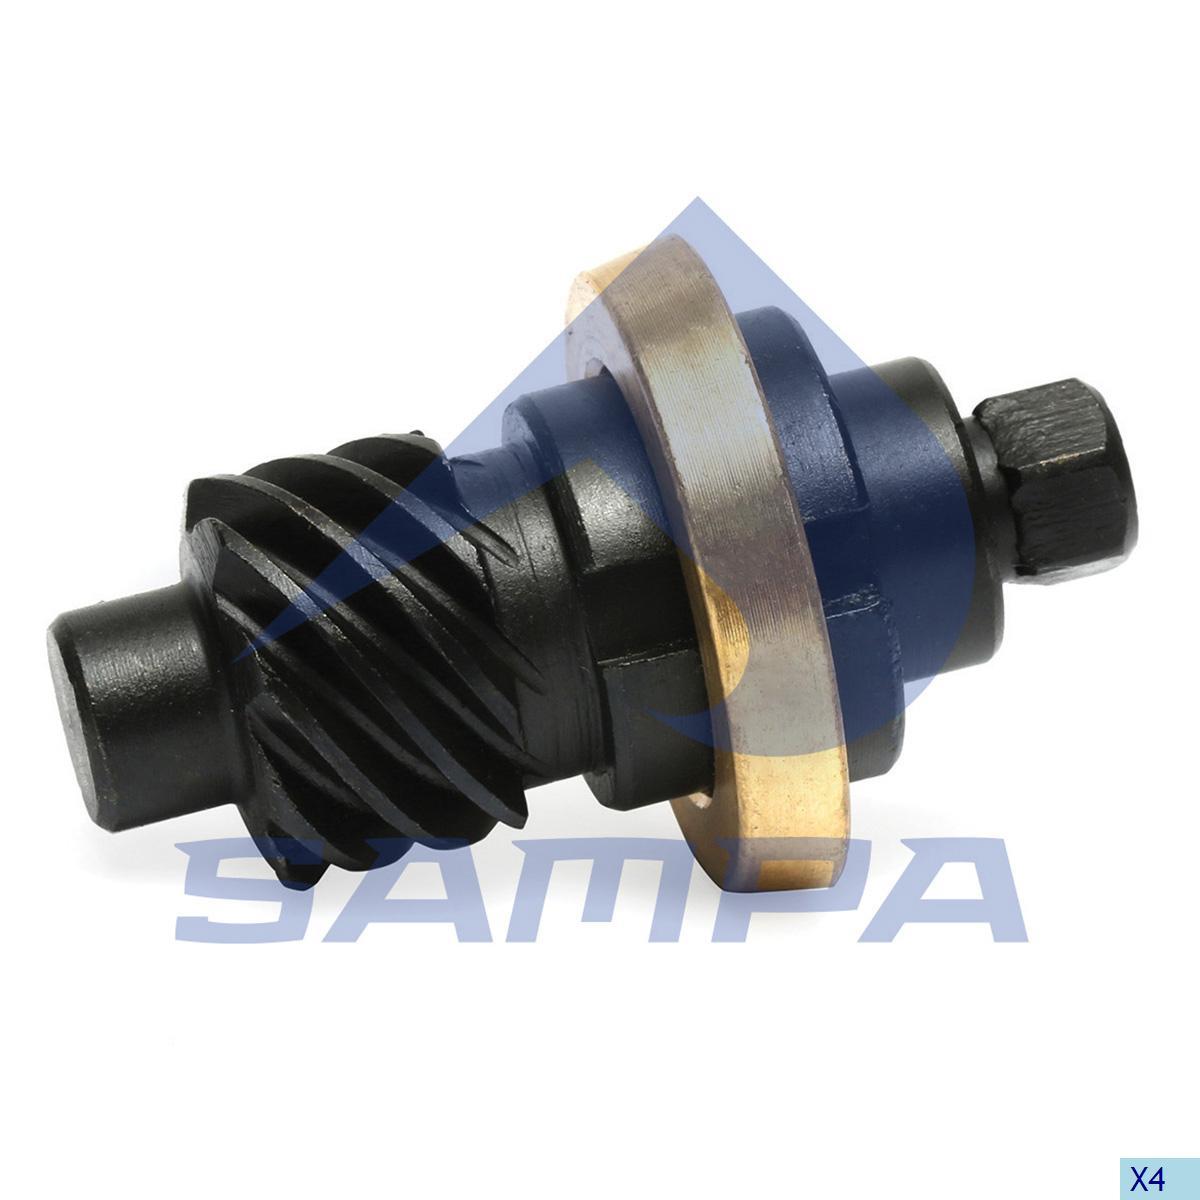 Adjusting Device, Brake Adjuster, Brake